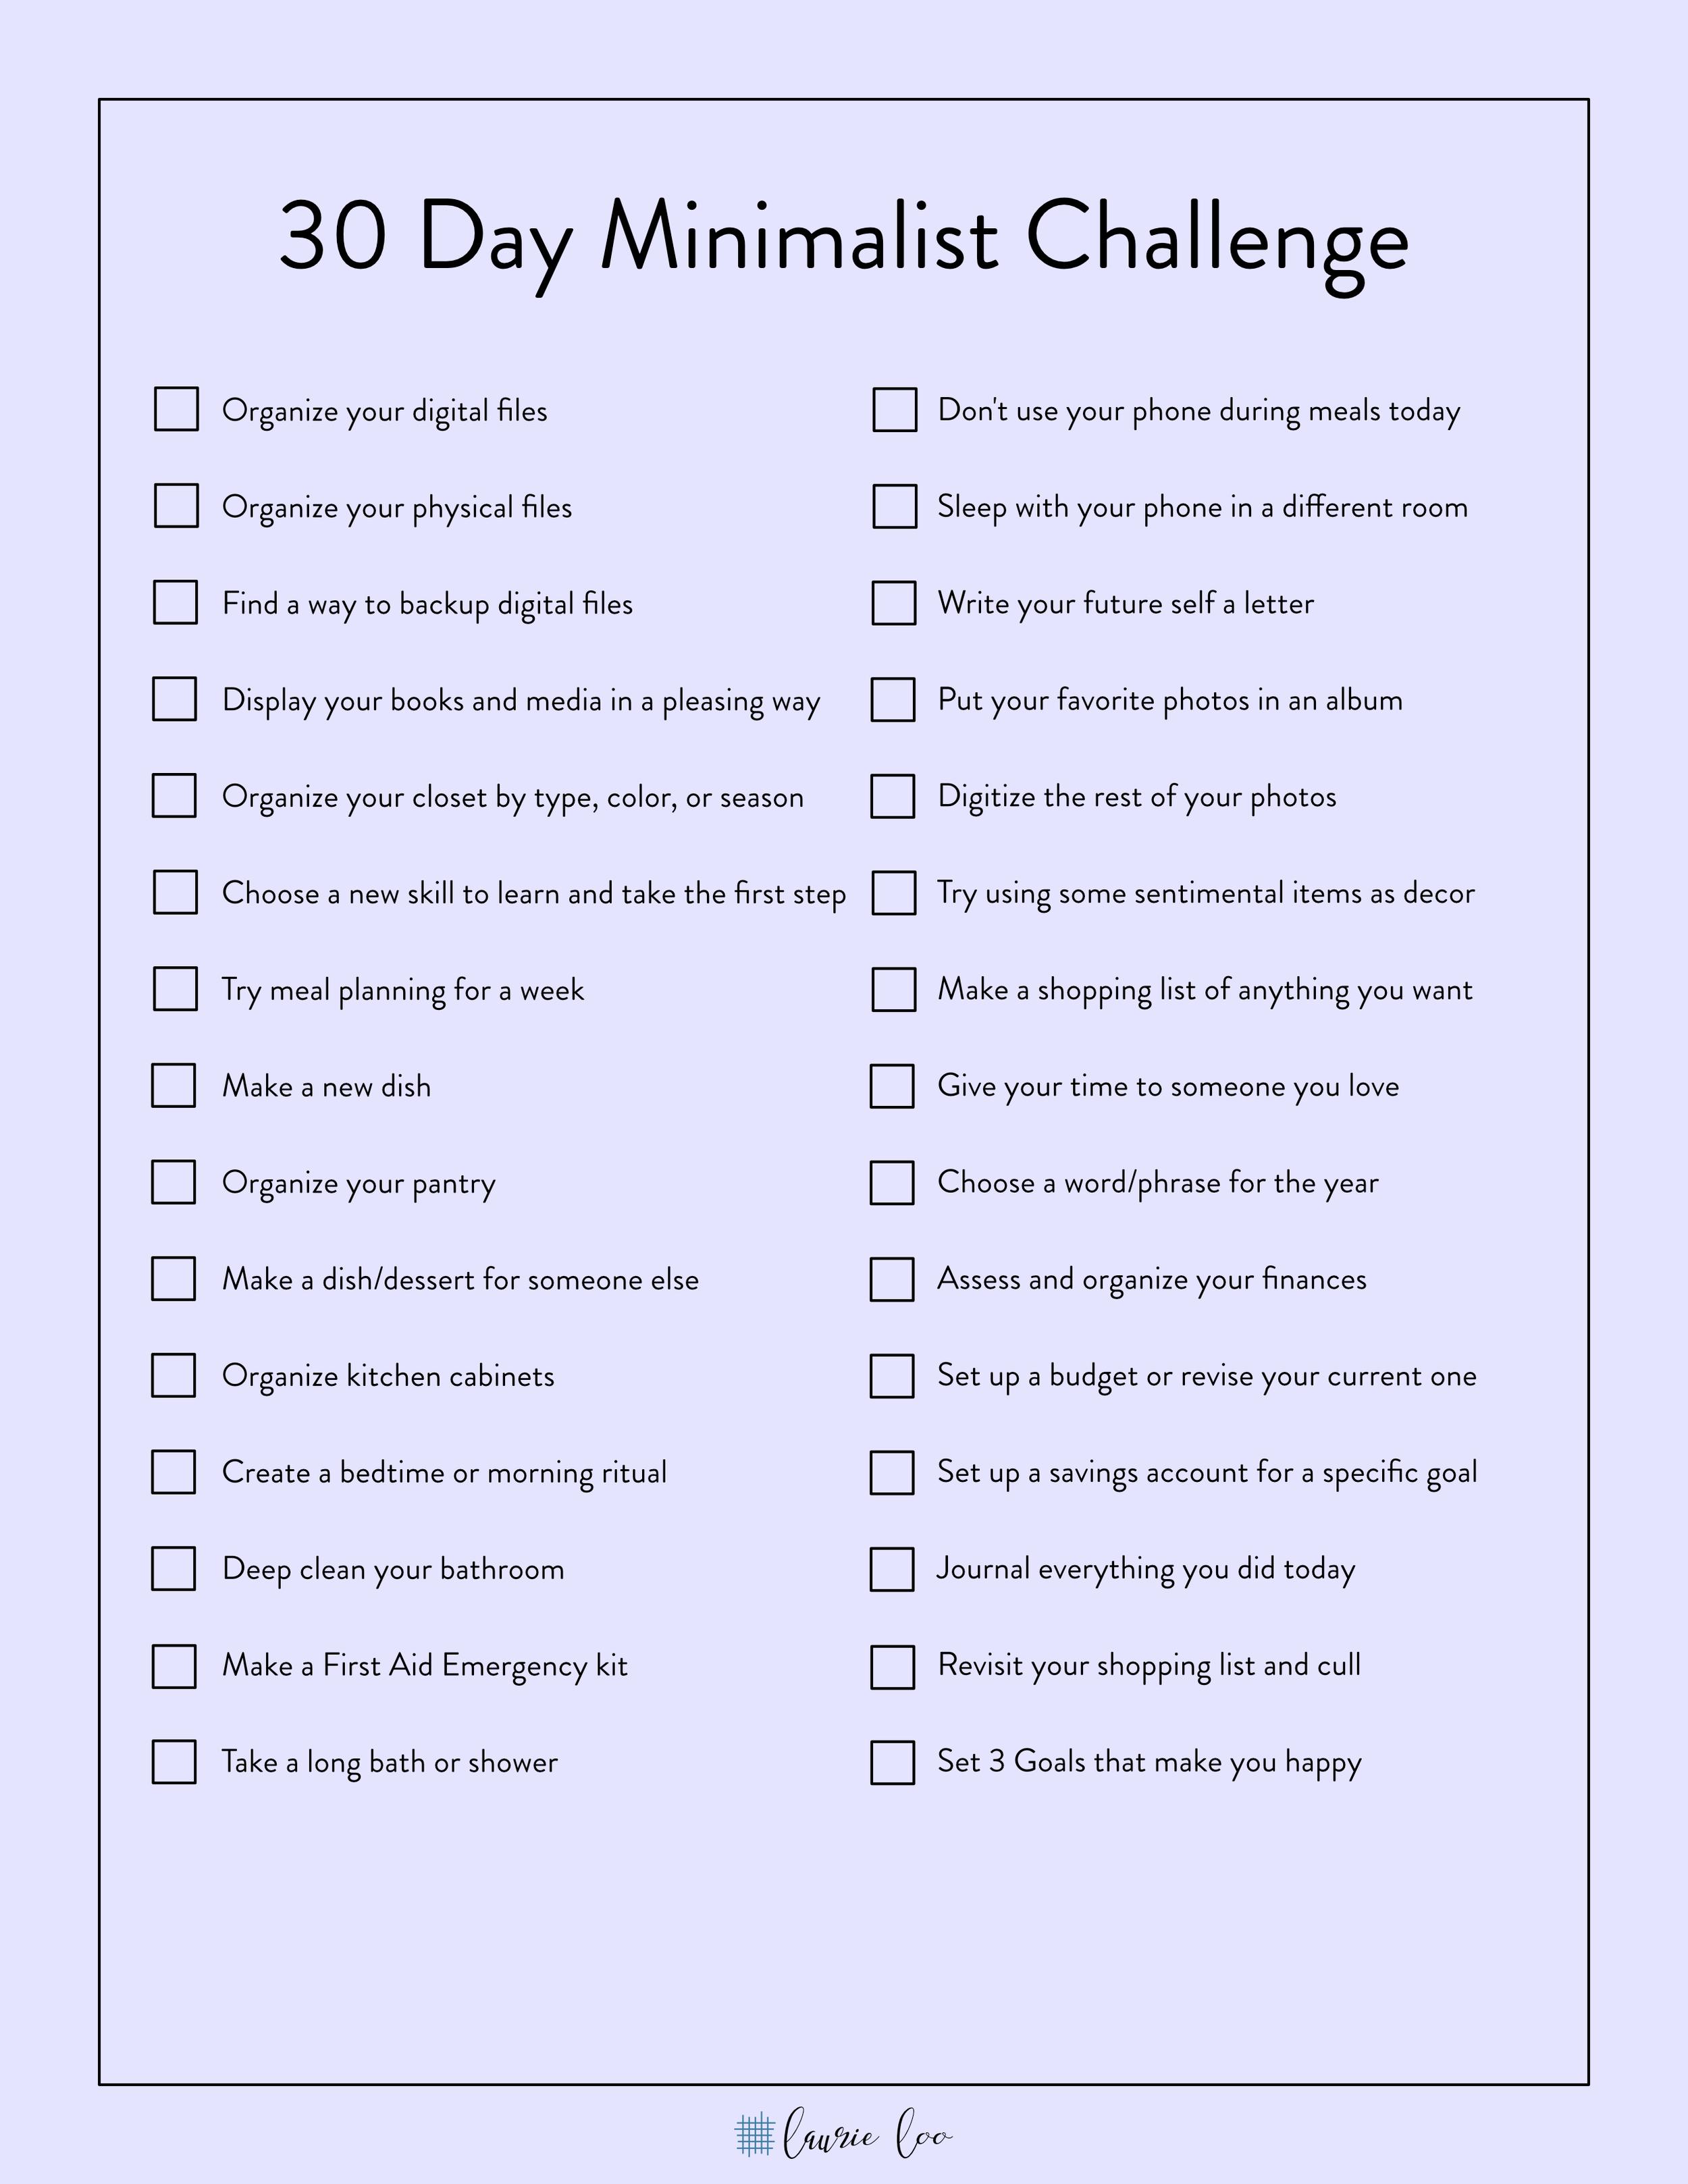 30-day-minimalist-challenge